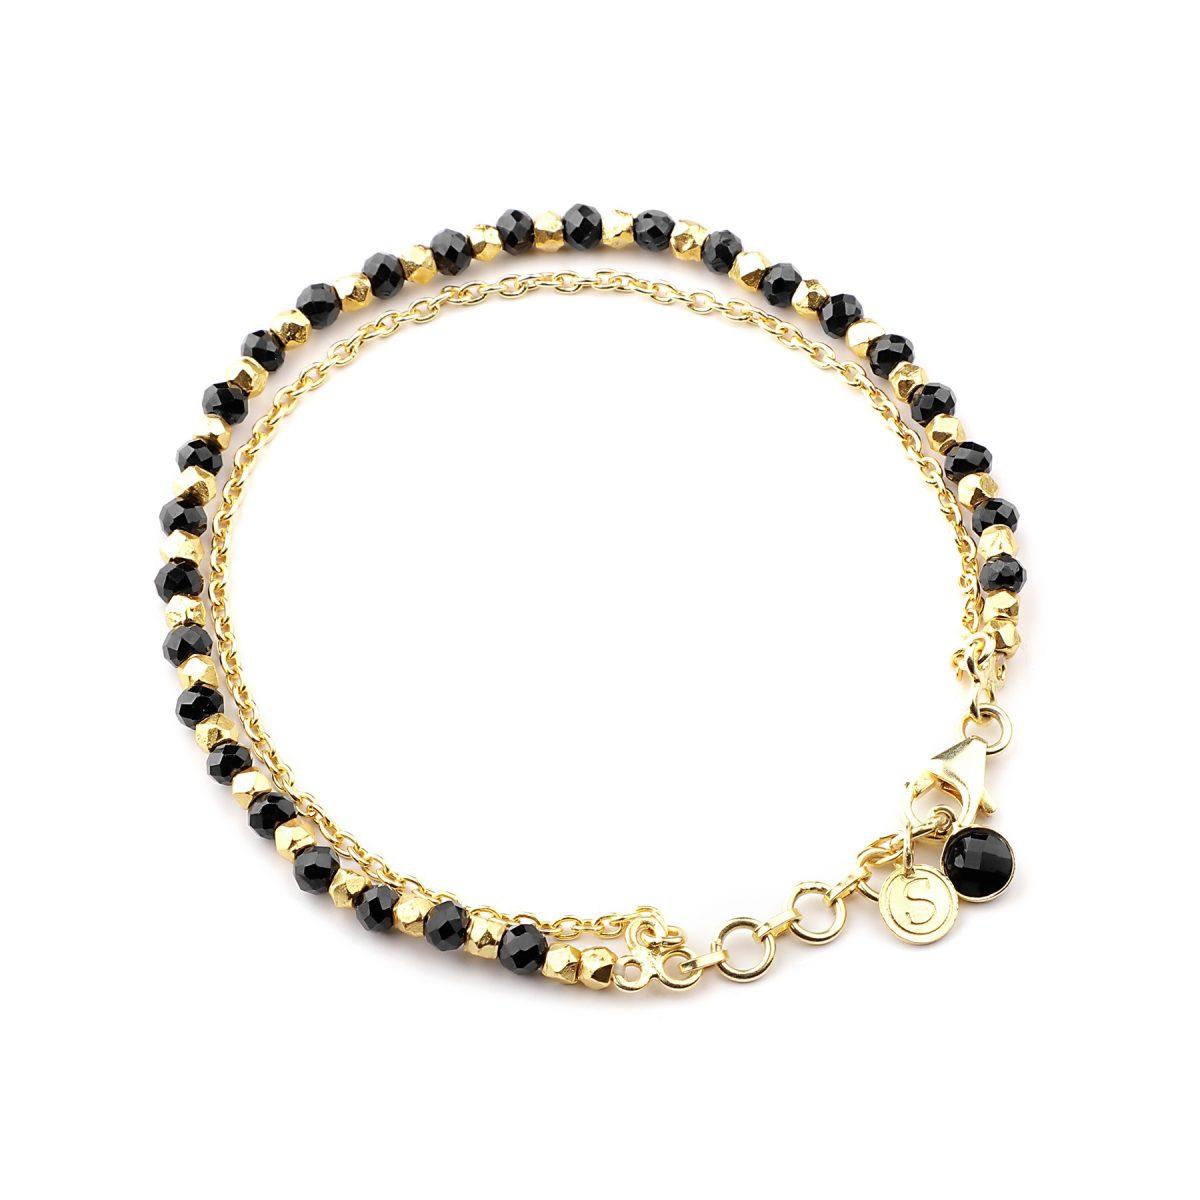 Black Spinel beaded friendship bracelet in gold.